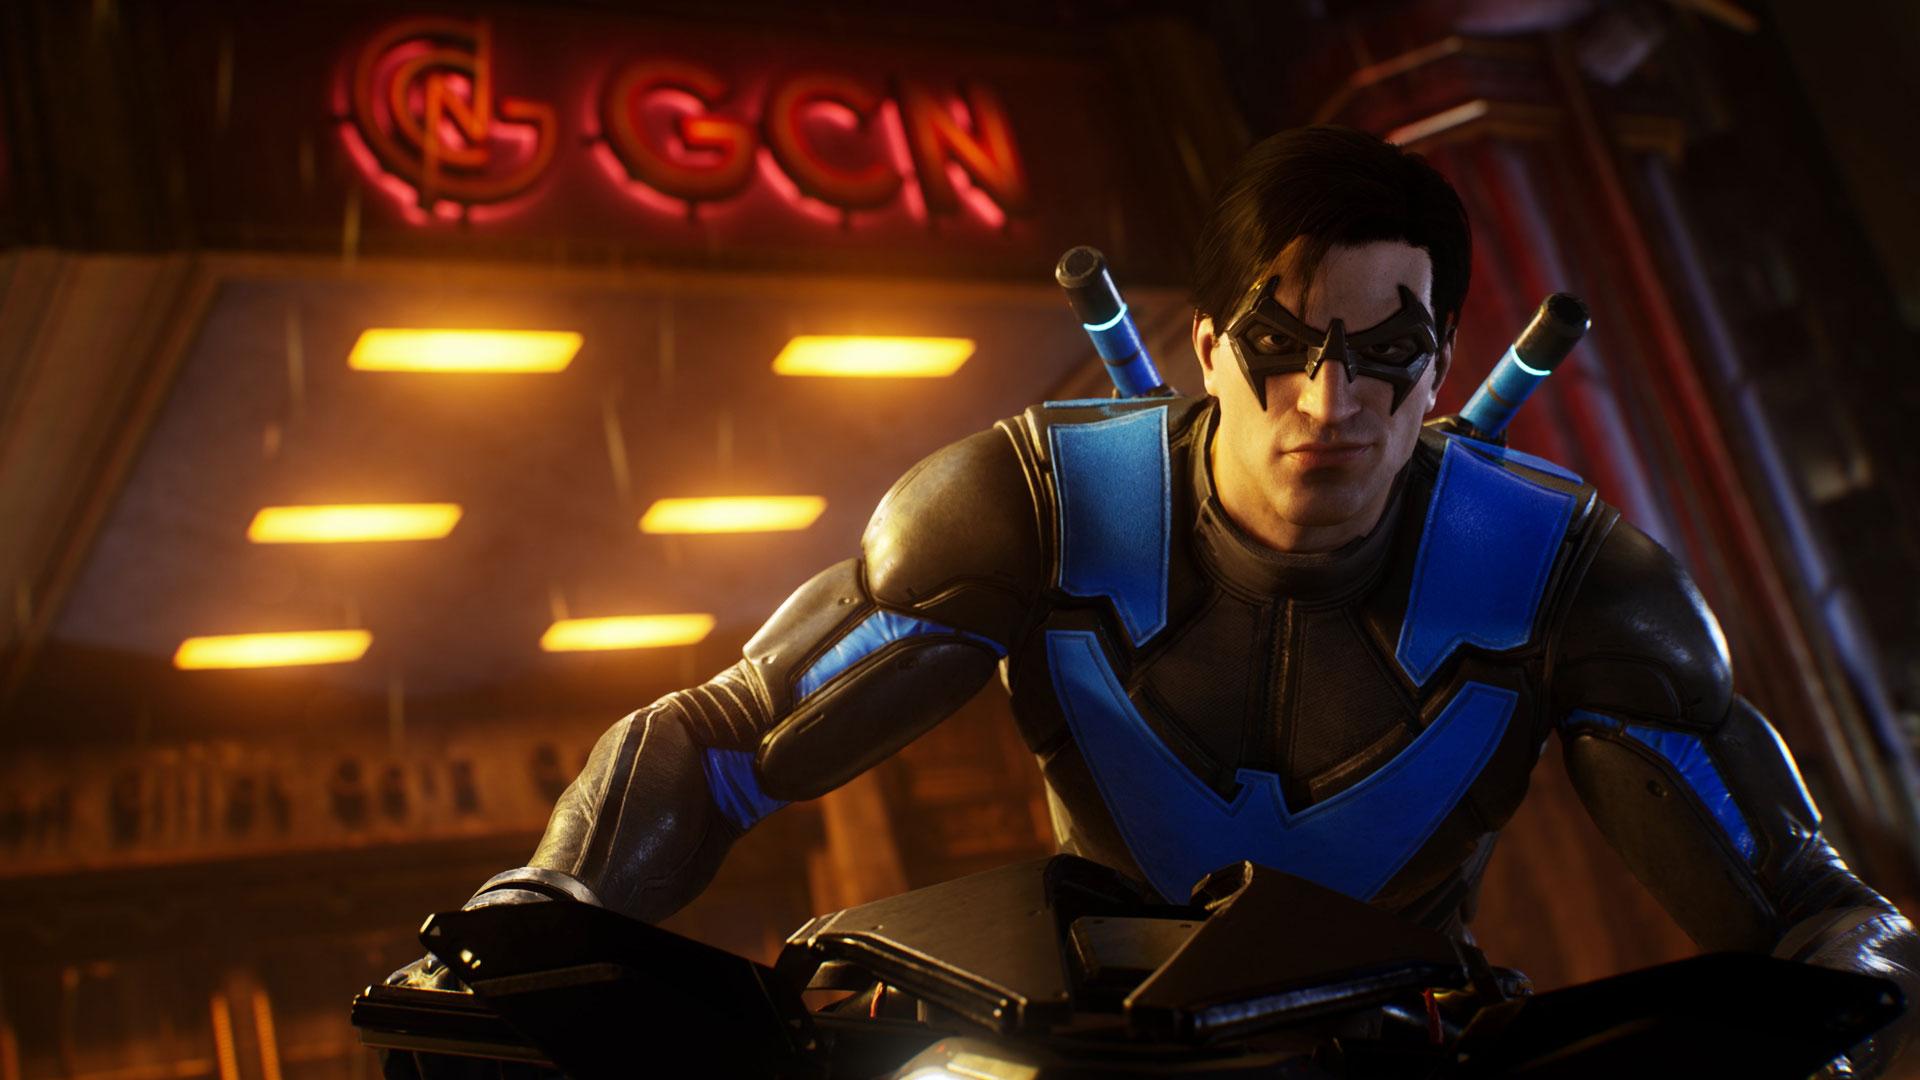 Новые игры Warner Bros Interactive Entertainment будут сделаны с акцентом на сервисной модели